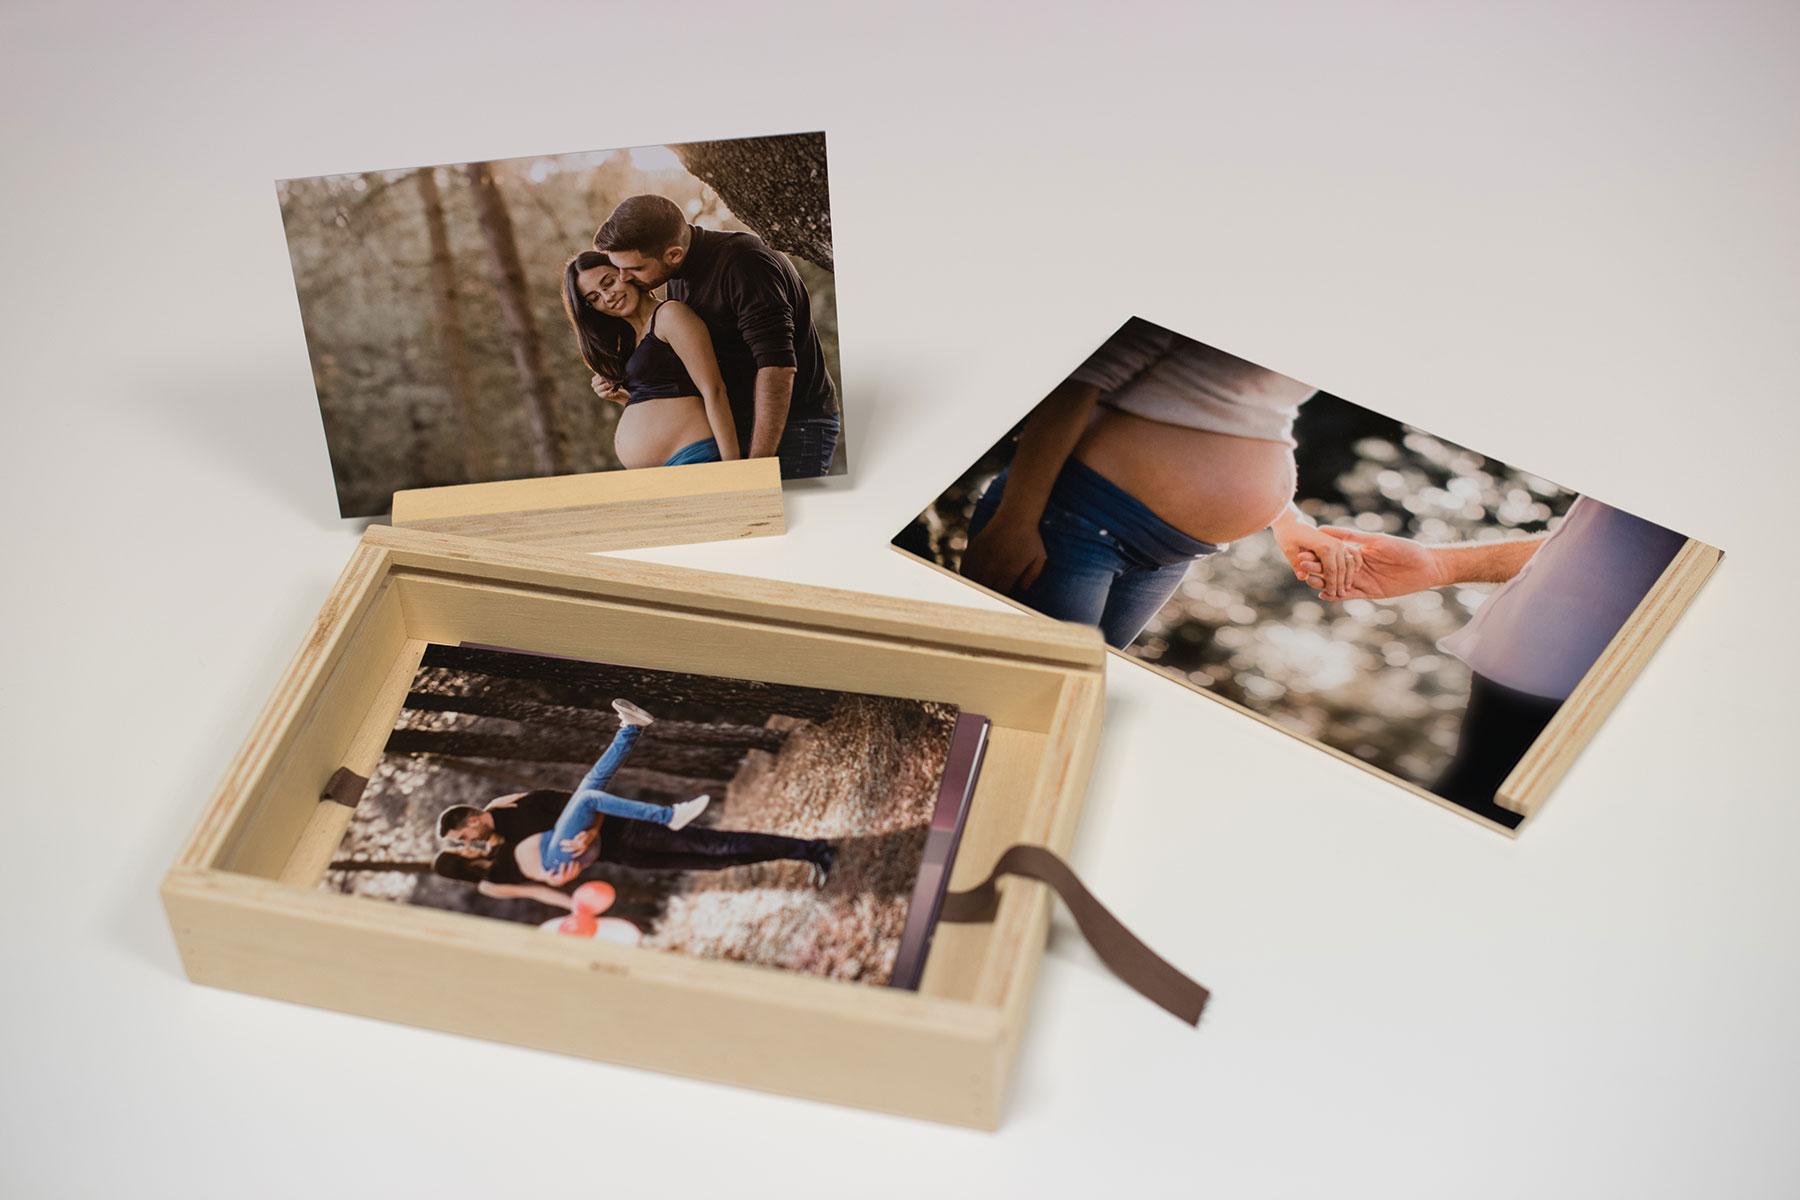 producto-embarazo-caja-con-fotos-02